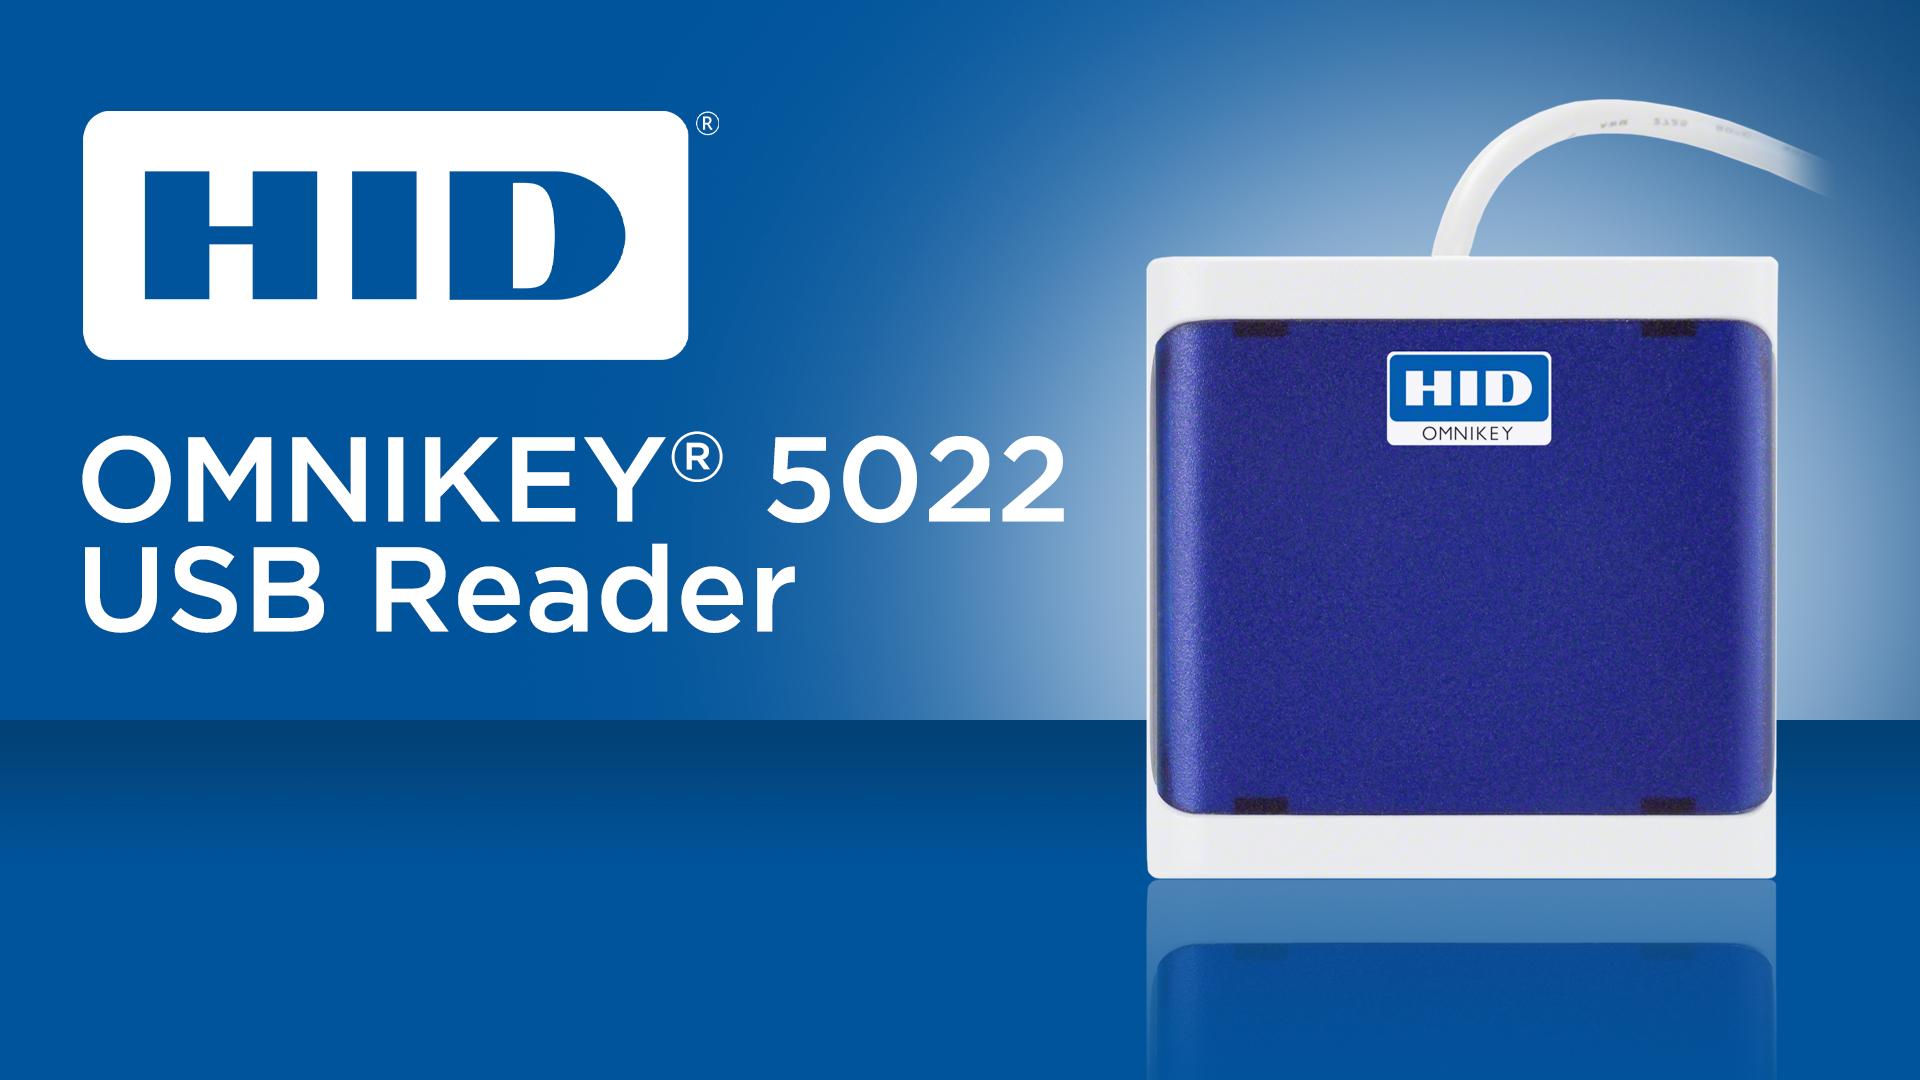 HID Omnikey 5022 USB Reader